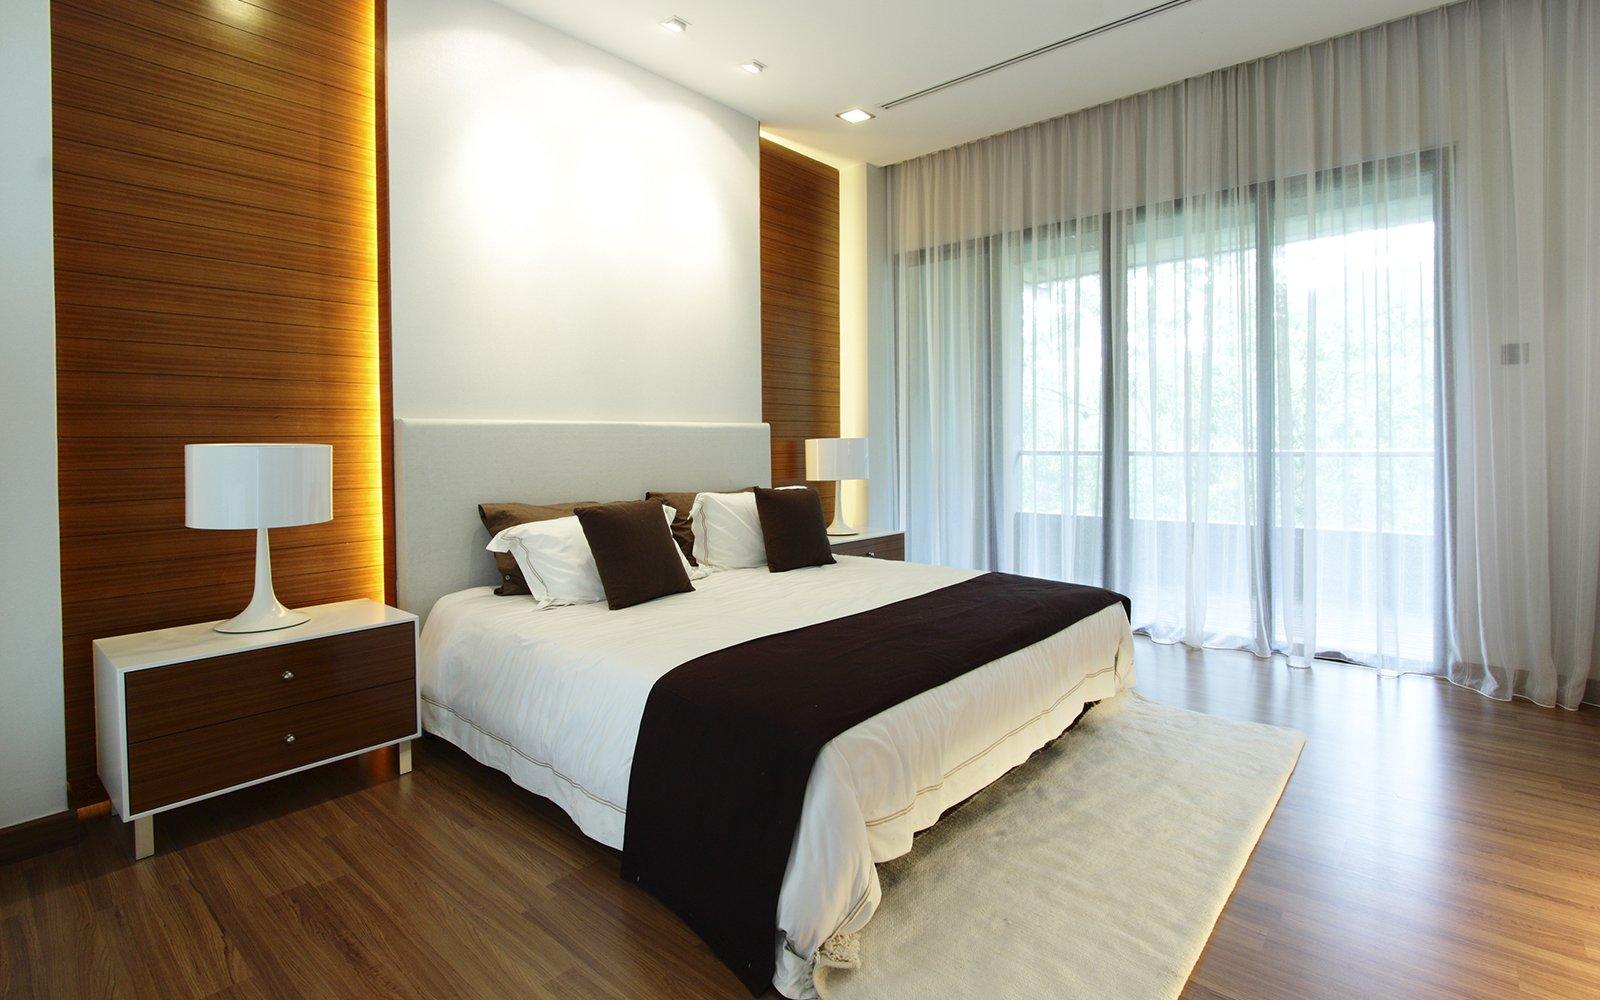 una camera con un letto matrimoniale con due comodini